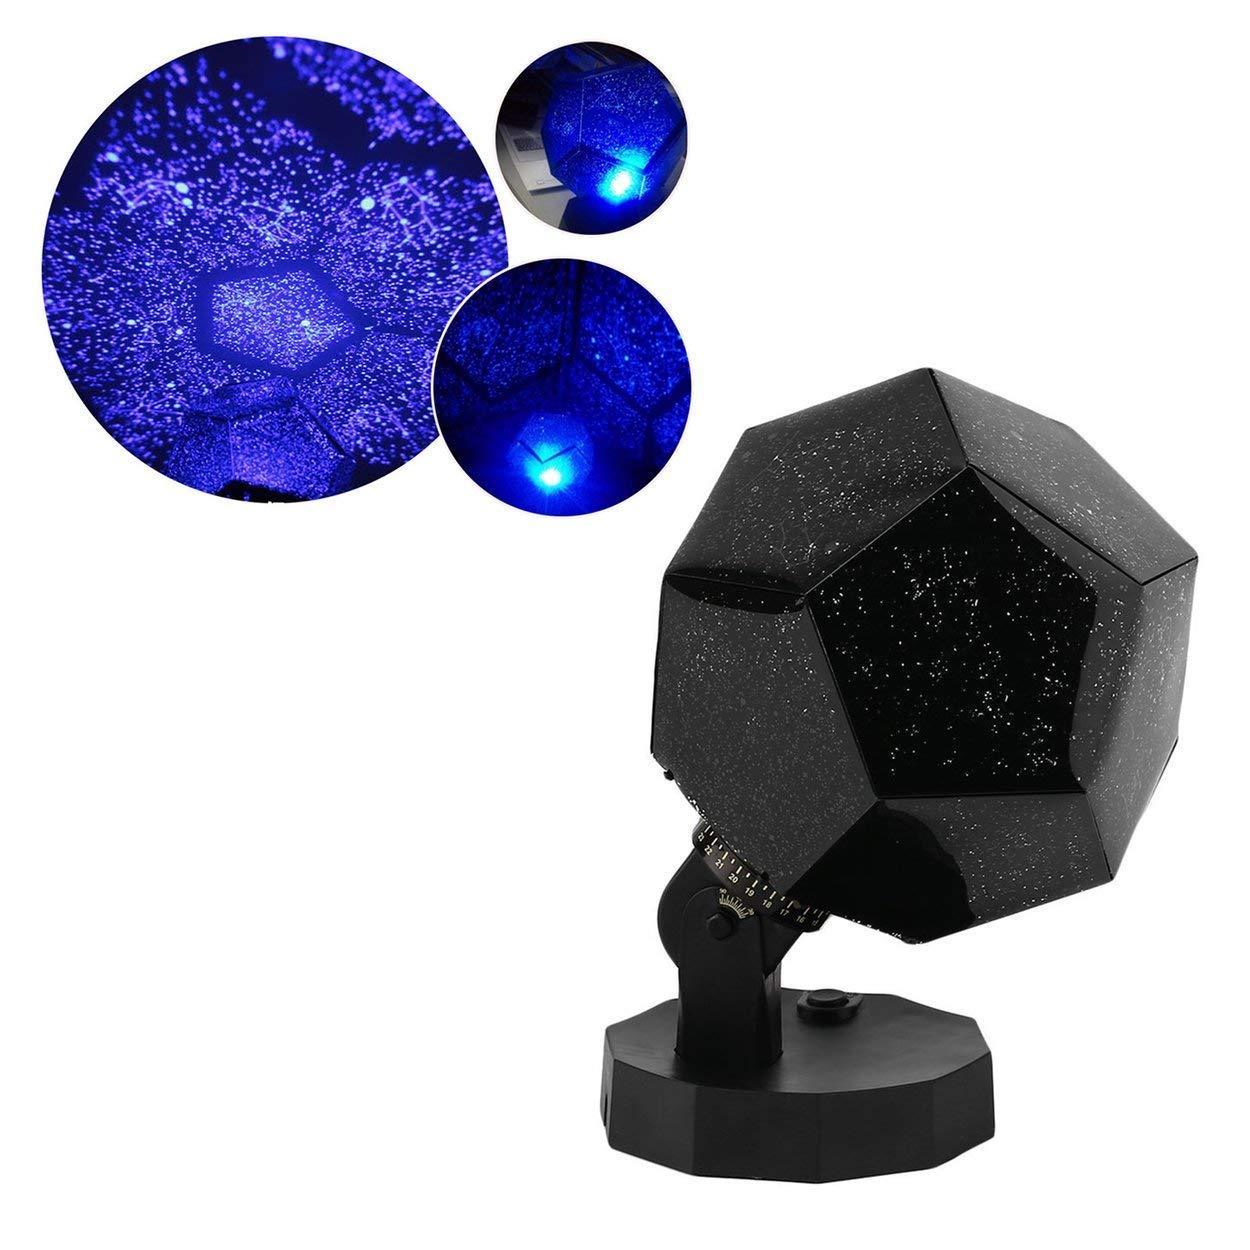 Lorenlli Proiettore a luce stellare Super-Light Proiettore a luce Quinta generazione Luci a LED a 3 colori